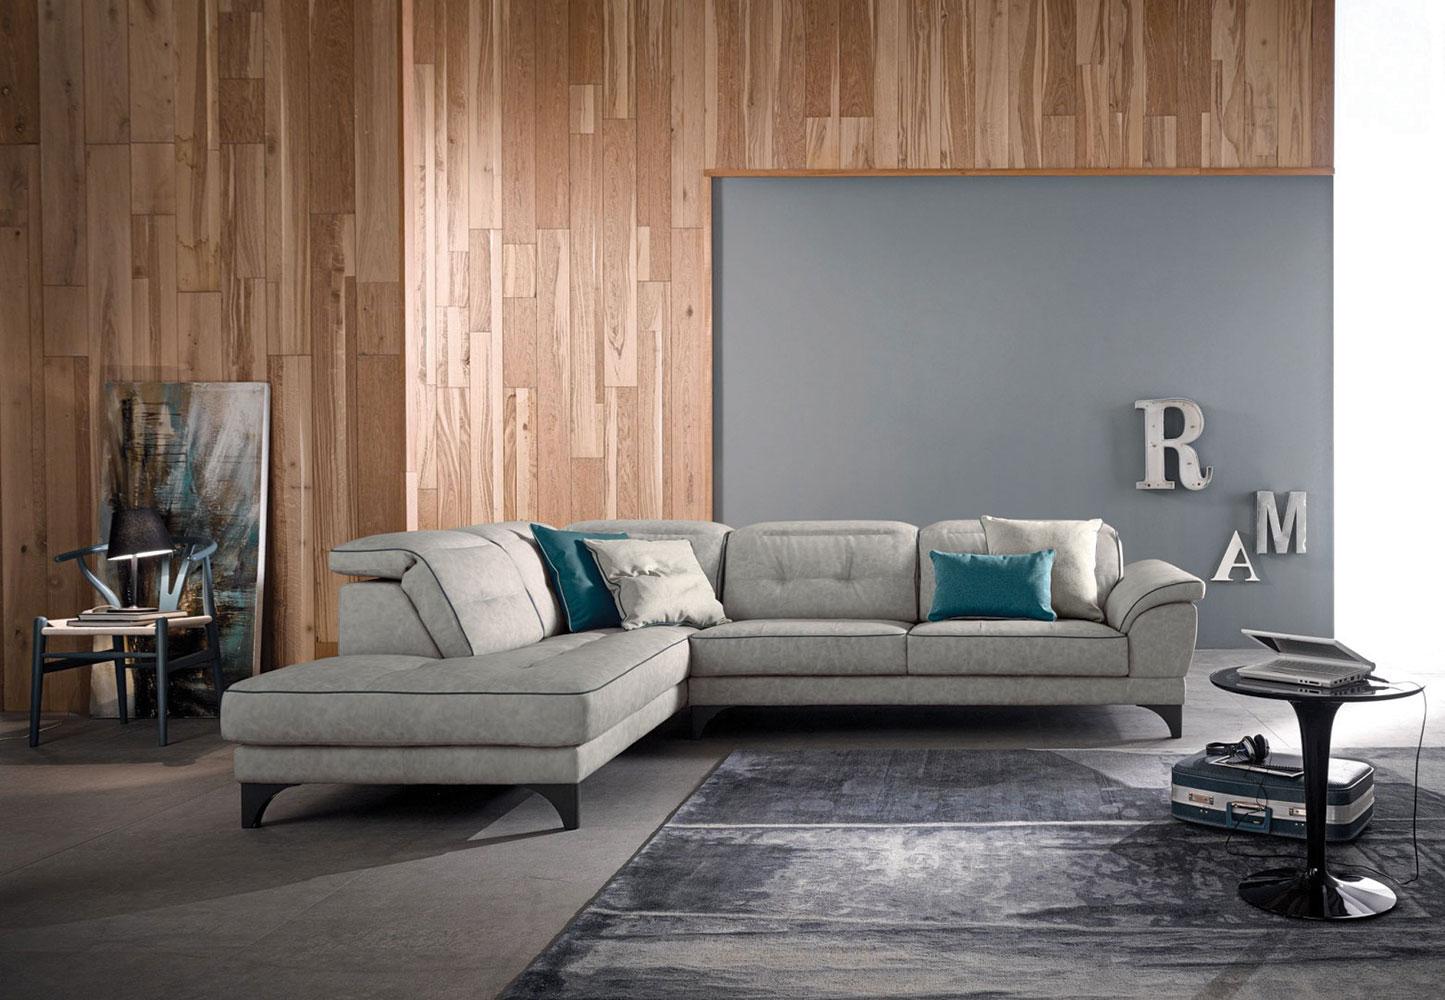 Centro dell 39 arredamento savona divano anastasia lecomfort for Divani componibili moderni